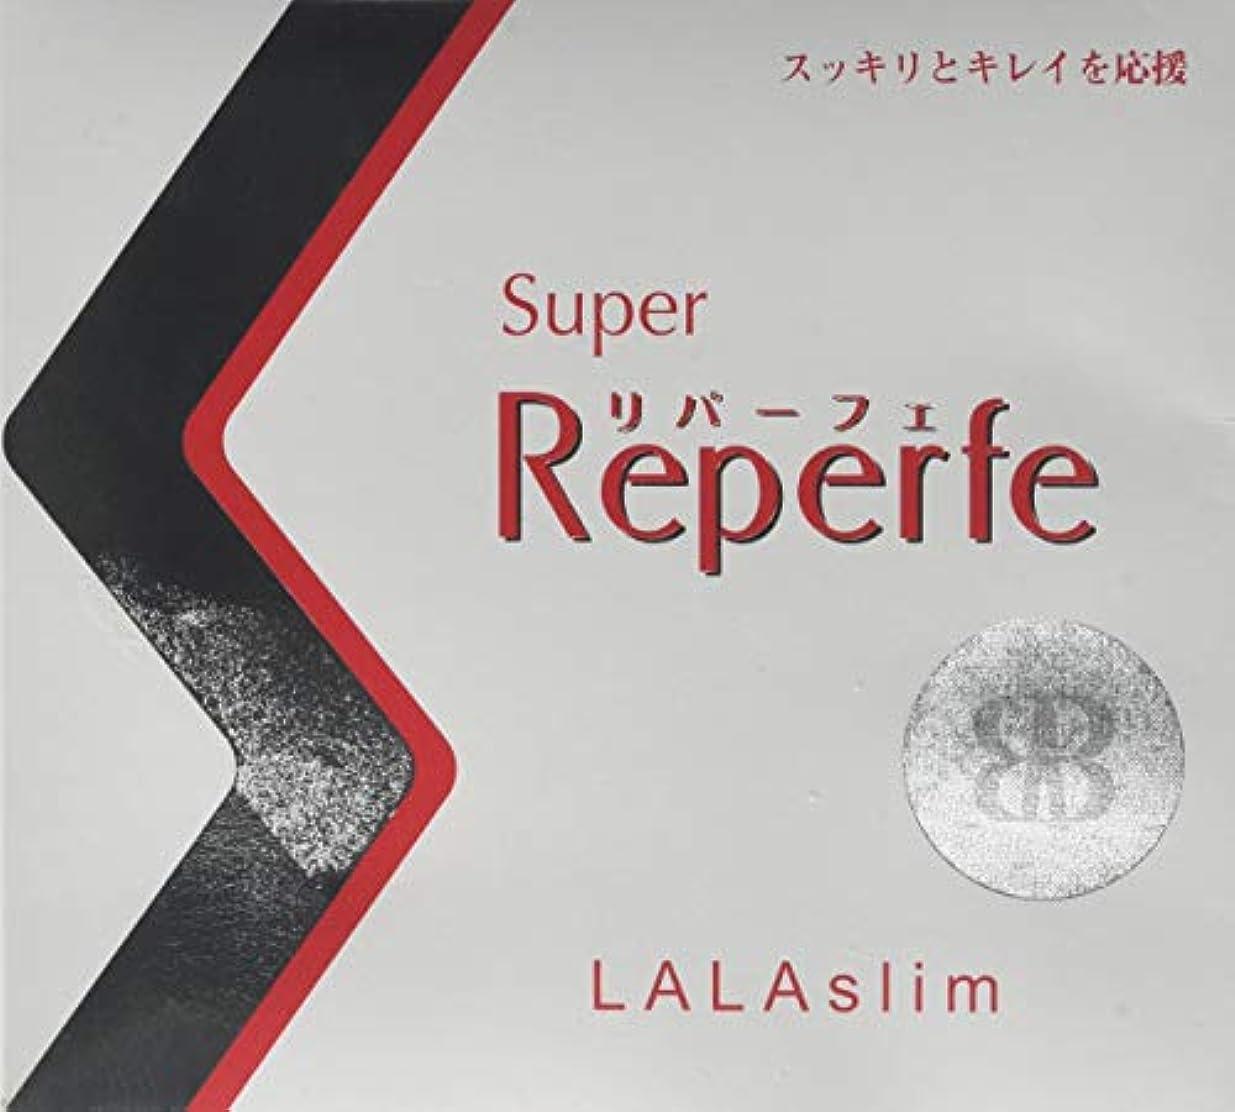 水平かもしれない絶望的なスーパーリパーフェ ララスリム 錠剤タイプ×5箱